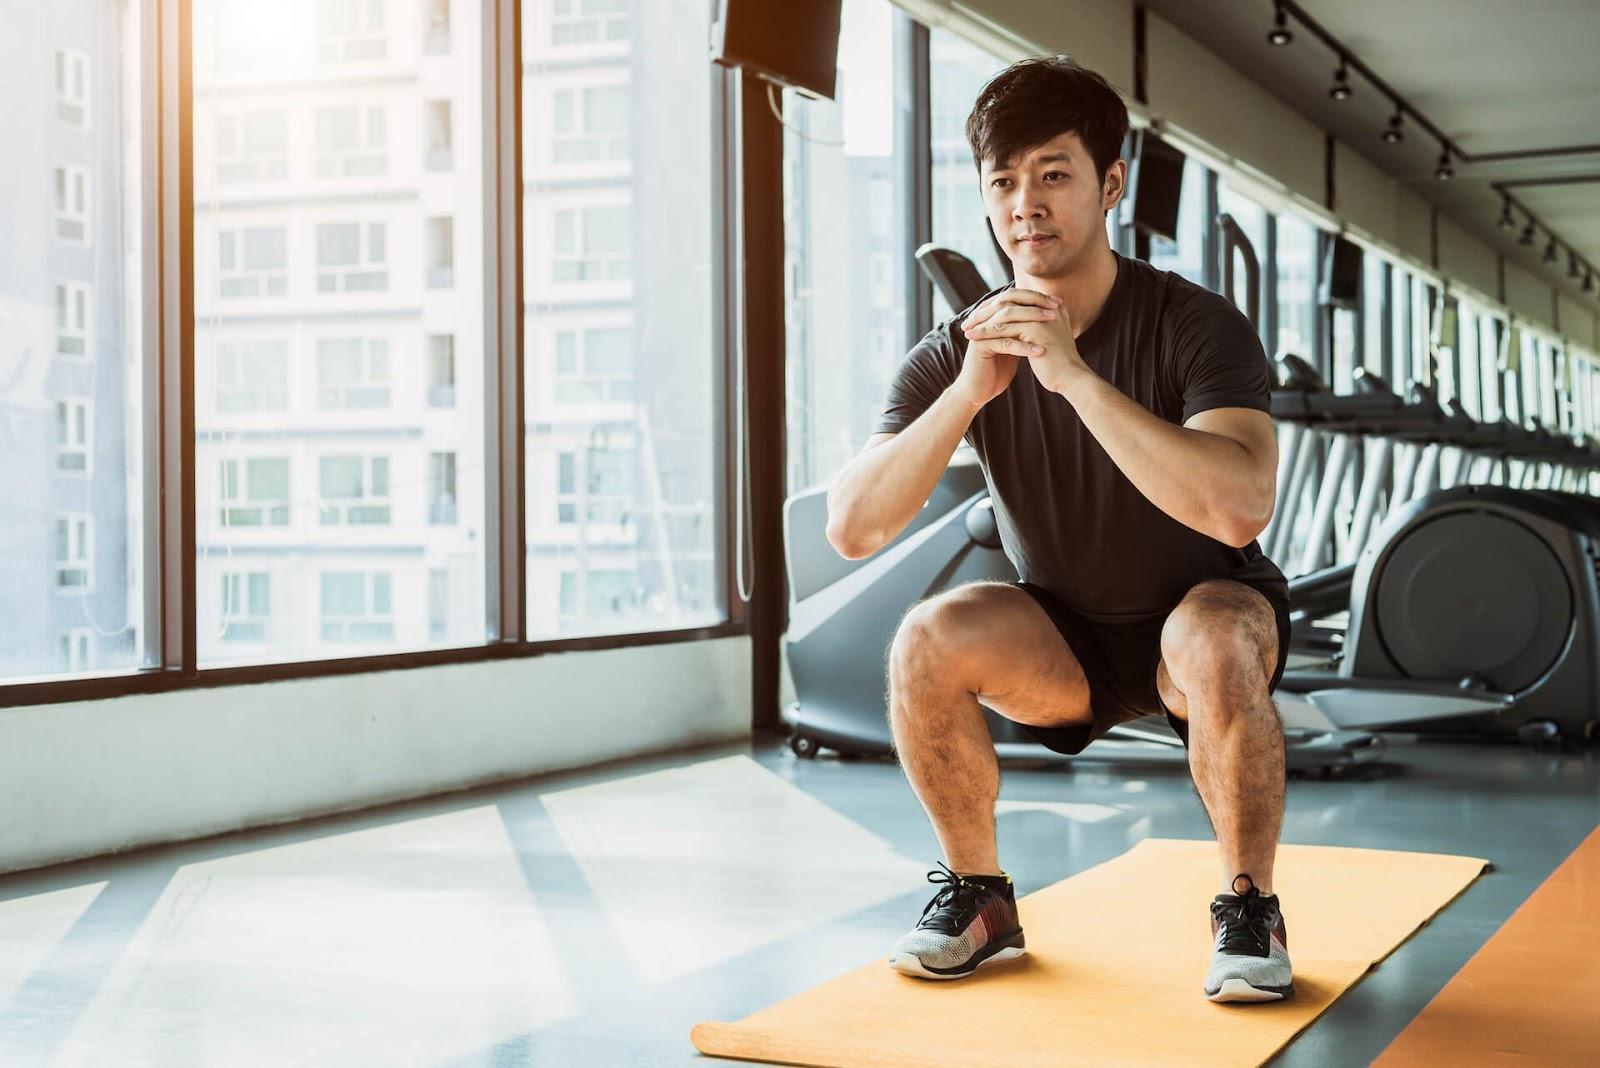 Man Squatting in a gym